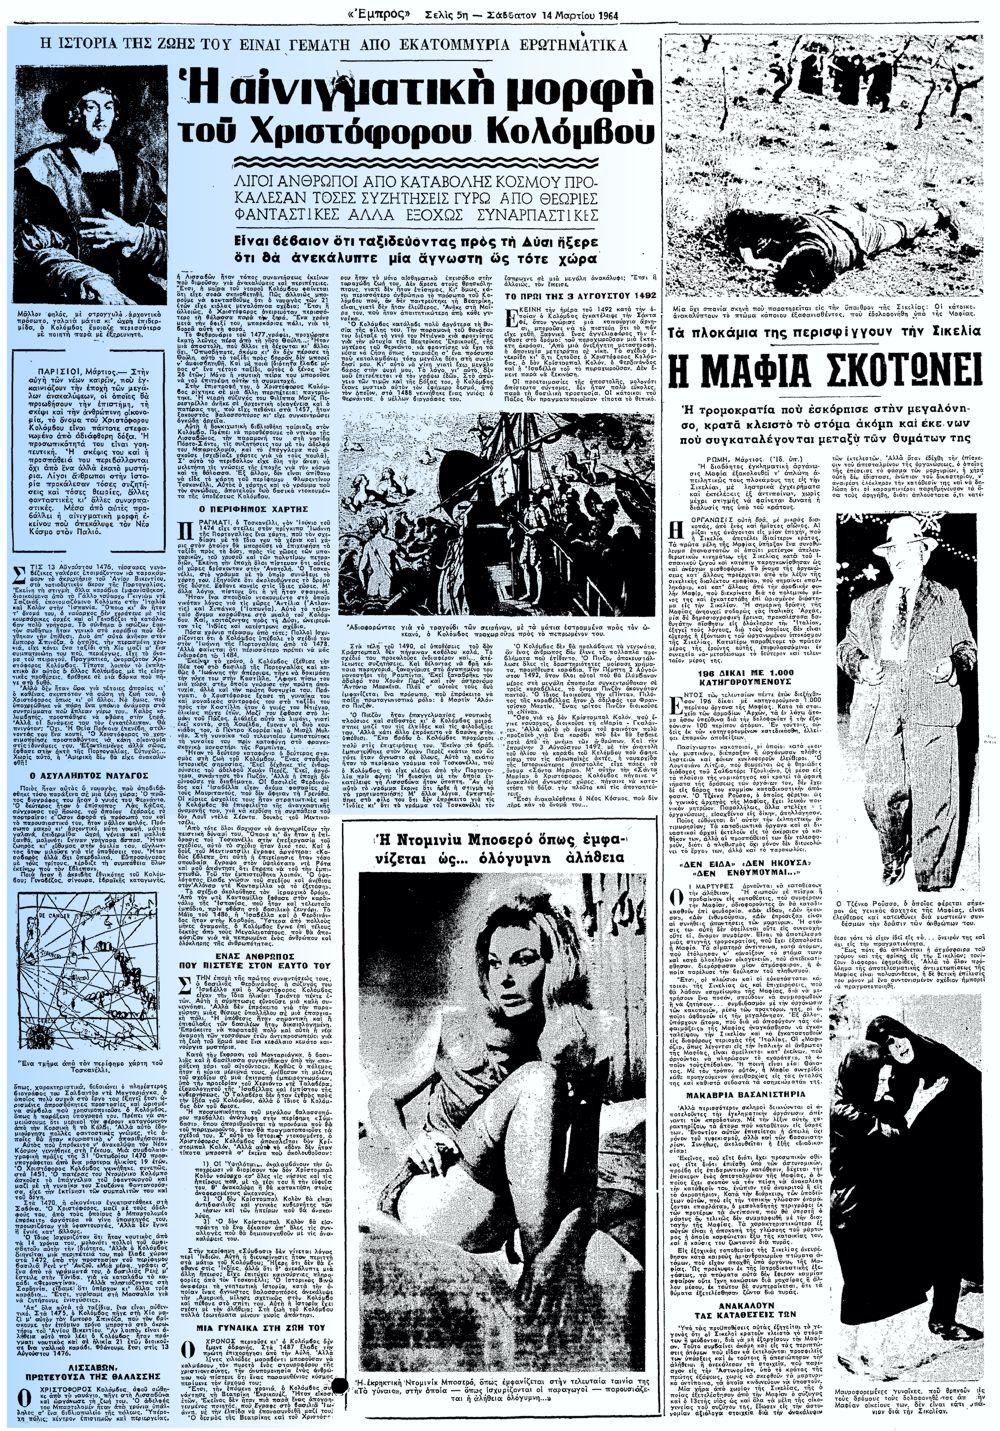 """Το άρθρο, όπως δημοσιεύθηκε στην εφημερίδα """"ΕΜΠΡΟΣ"""", στις 14/03/1964"""